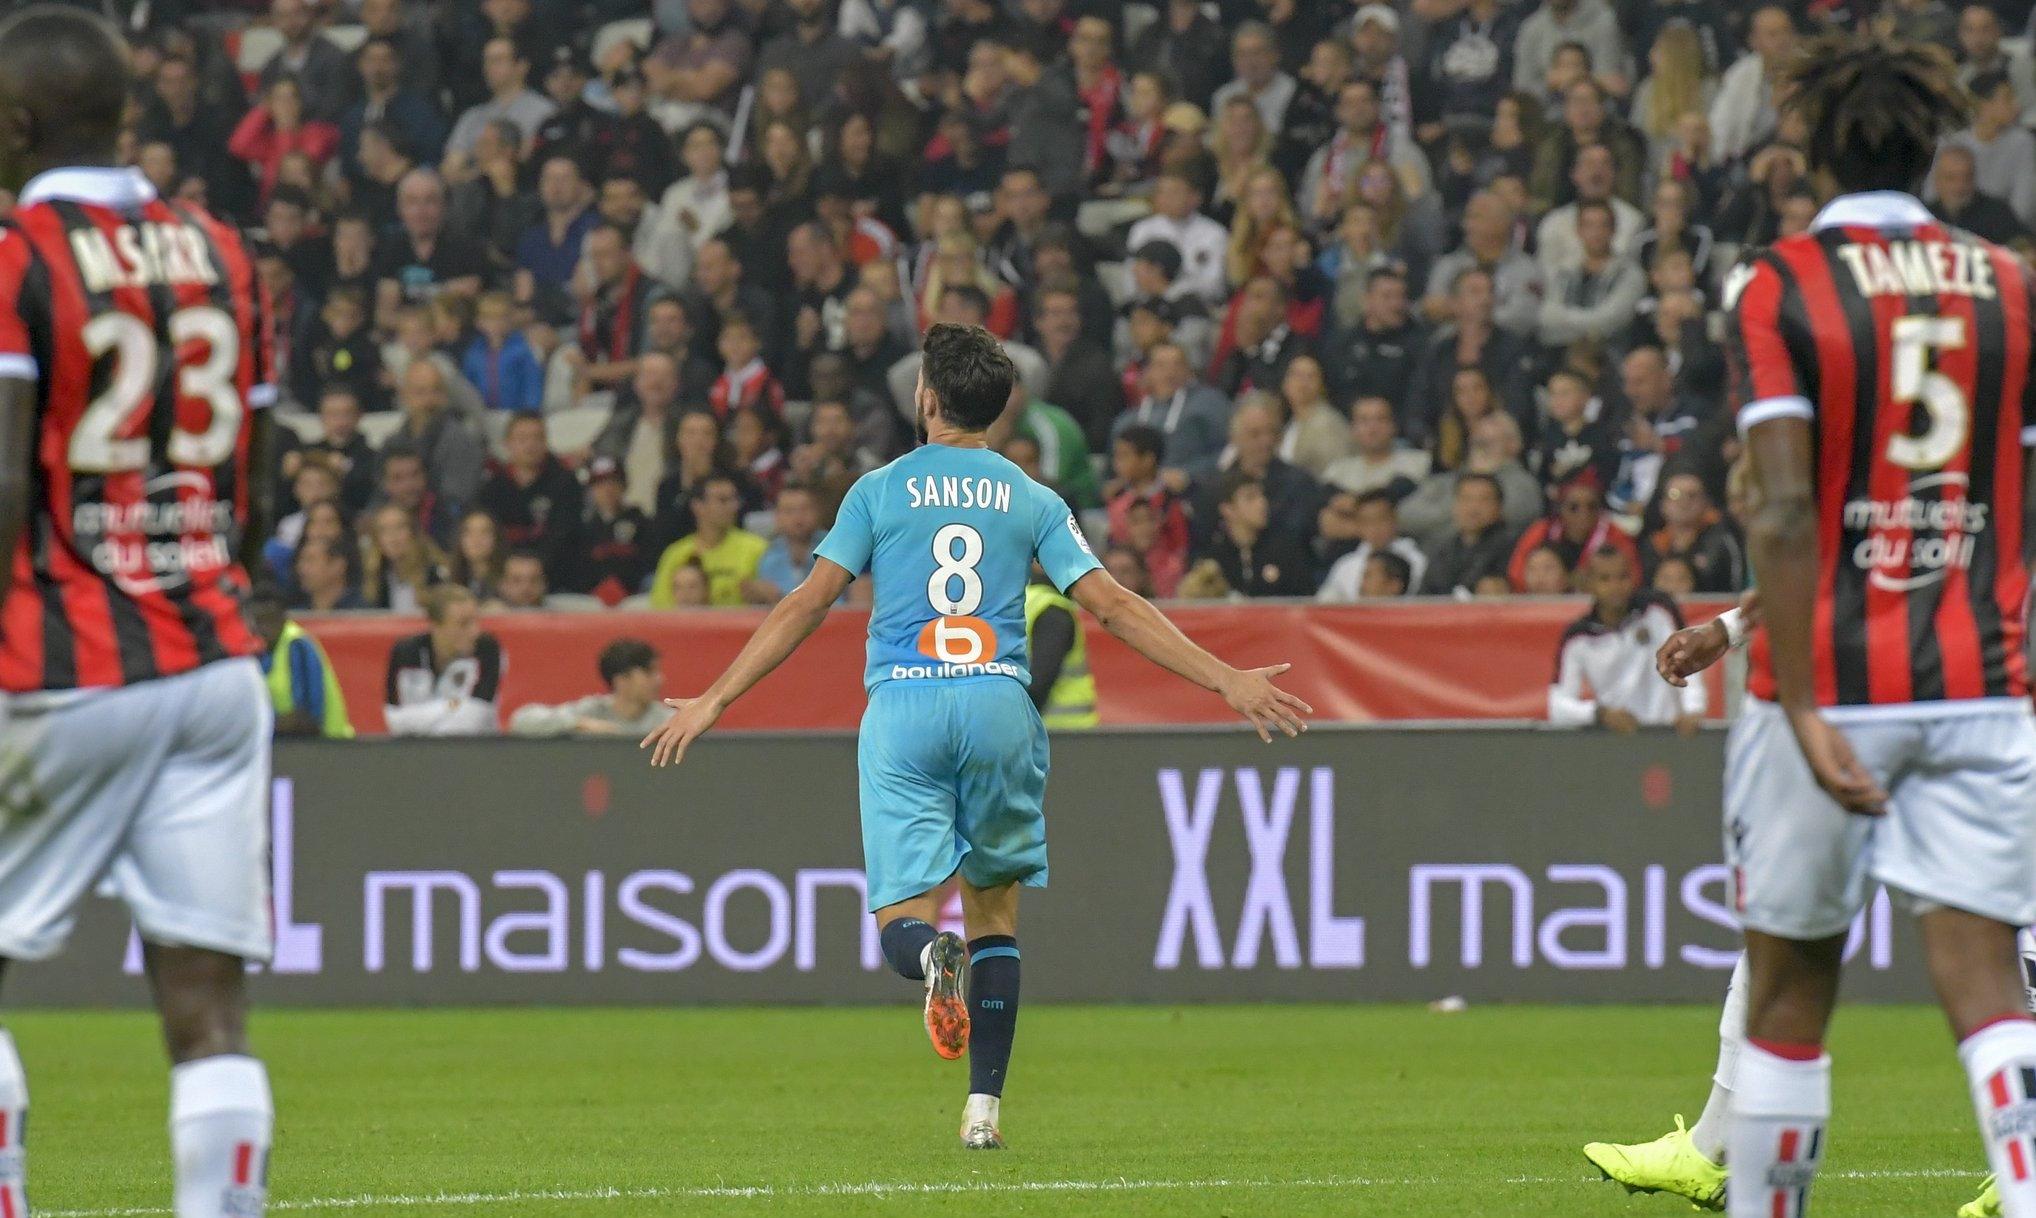 Без доста основни футболисти и с немалко късмет, Олимпик Марсилия